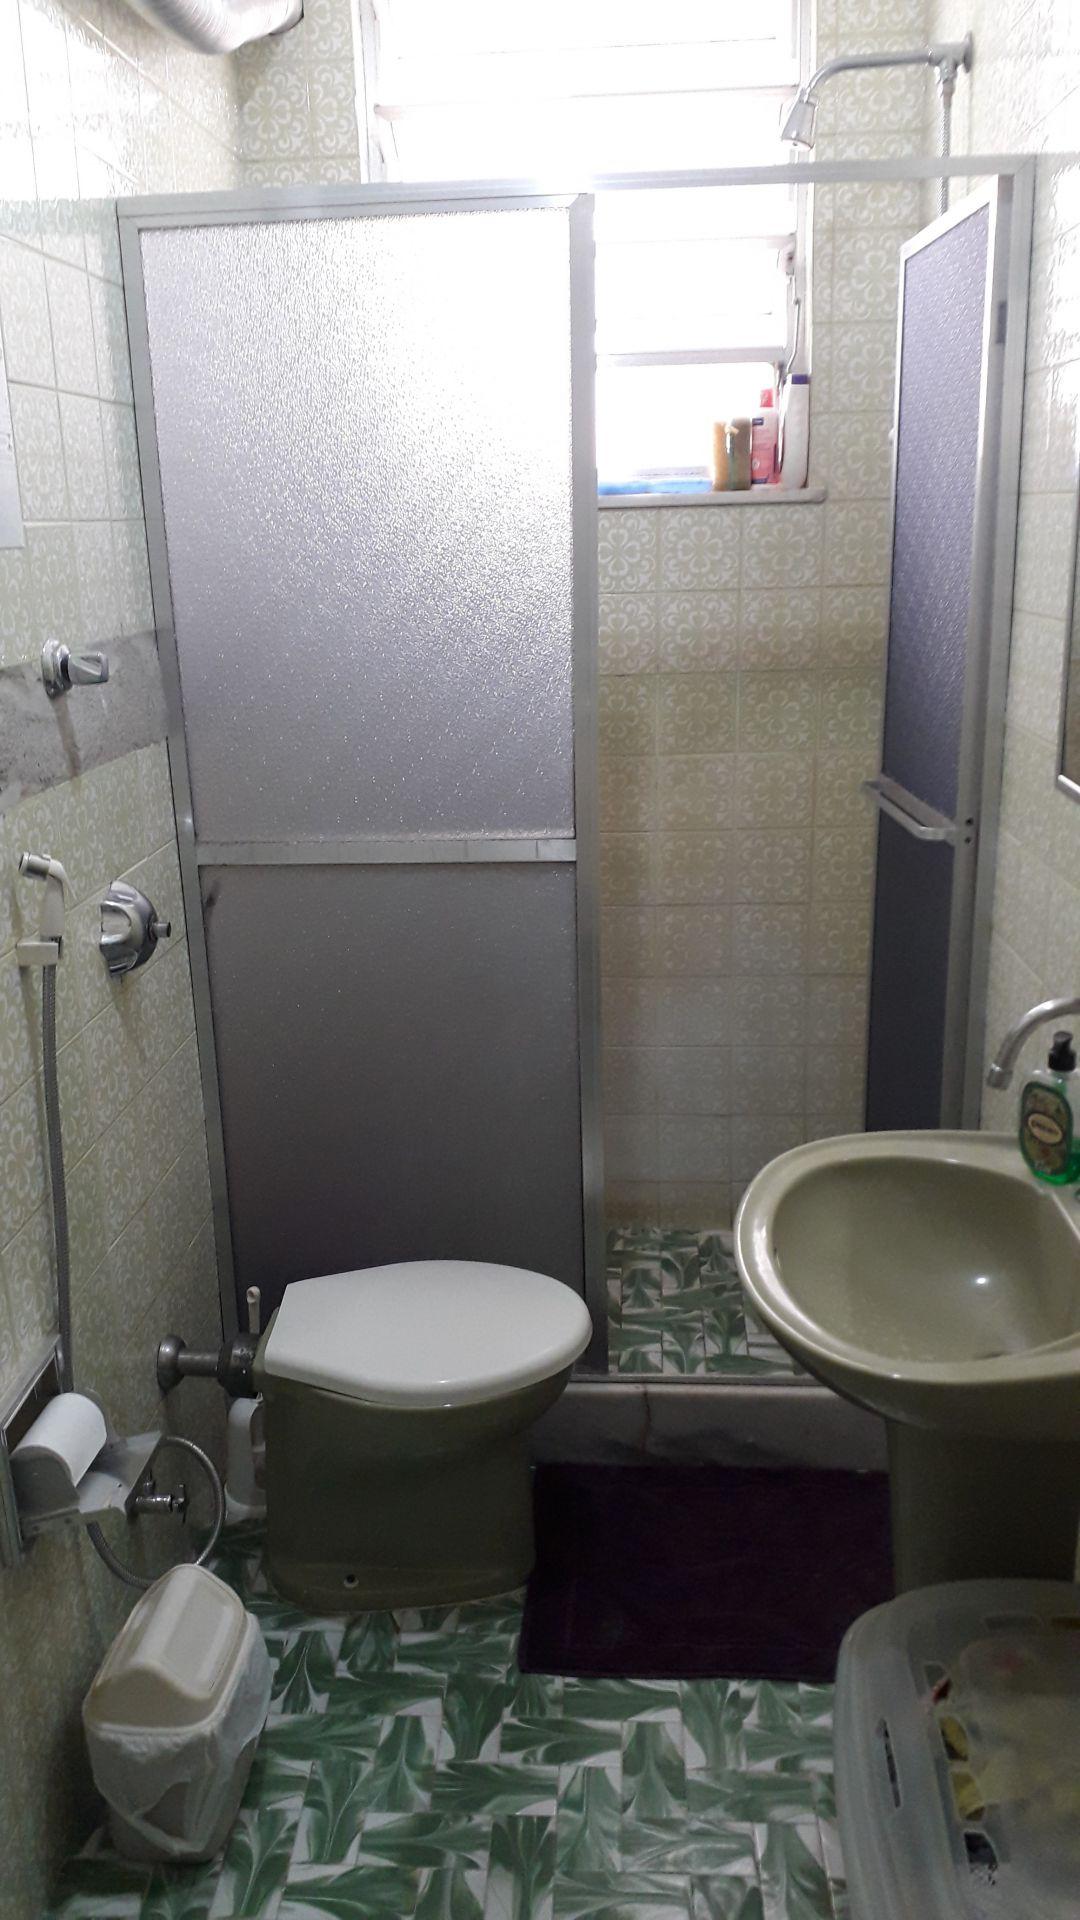 BANHEIRO - Apartamento Rua visconde de santa isabel,Grajaú, Grajaú,Rio de Janeiro, RJ À Venda, 2 Quartos, 59m² - 000484 - 19